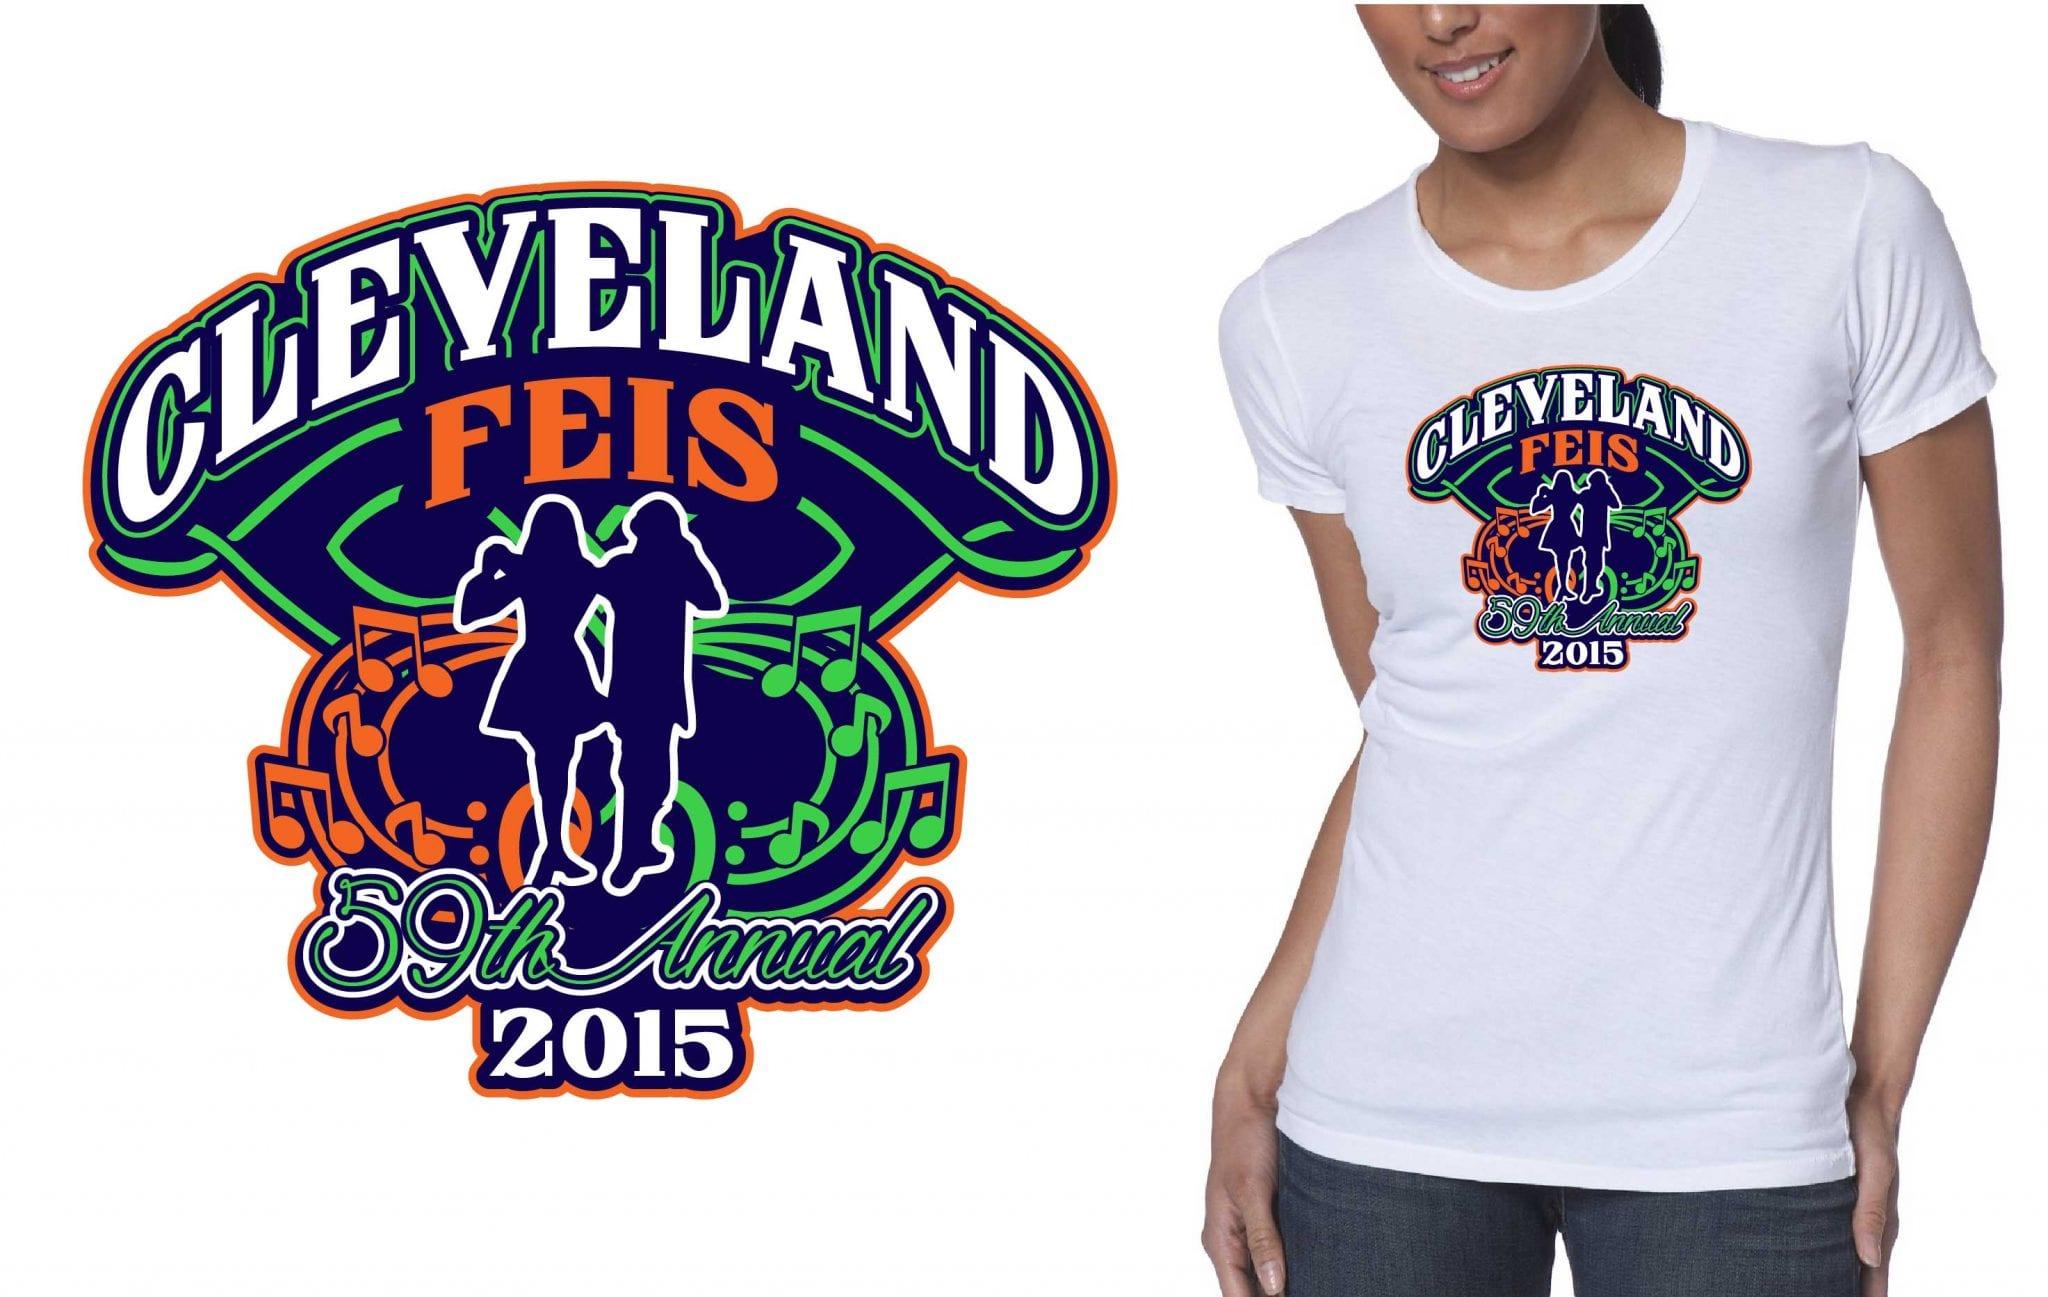 2015 Cleveland Feis (the 59th Annual) tshirt design